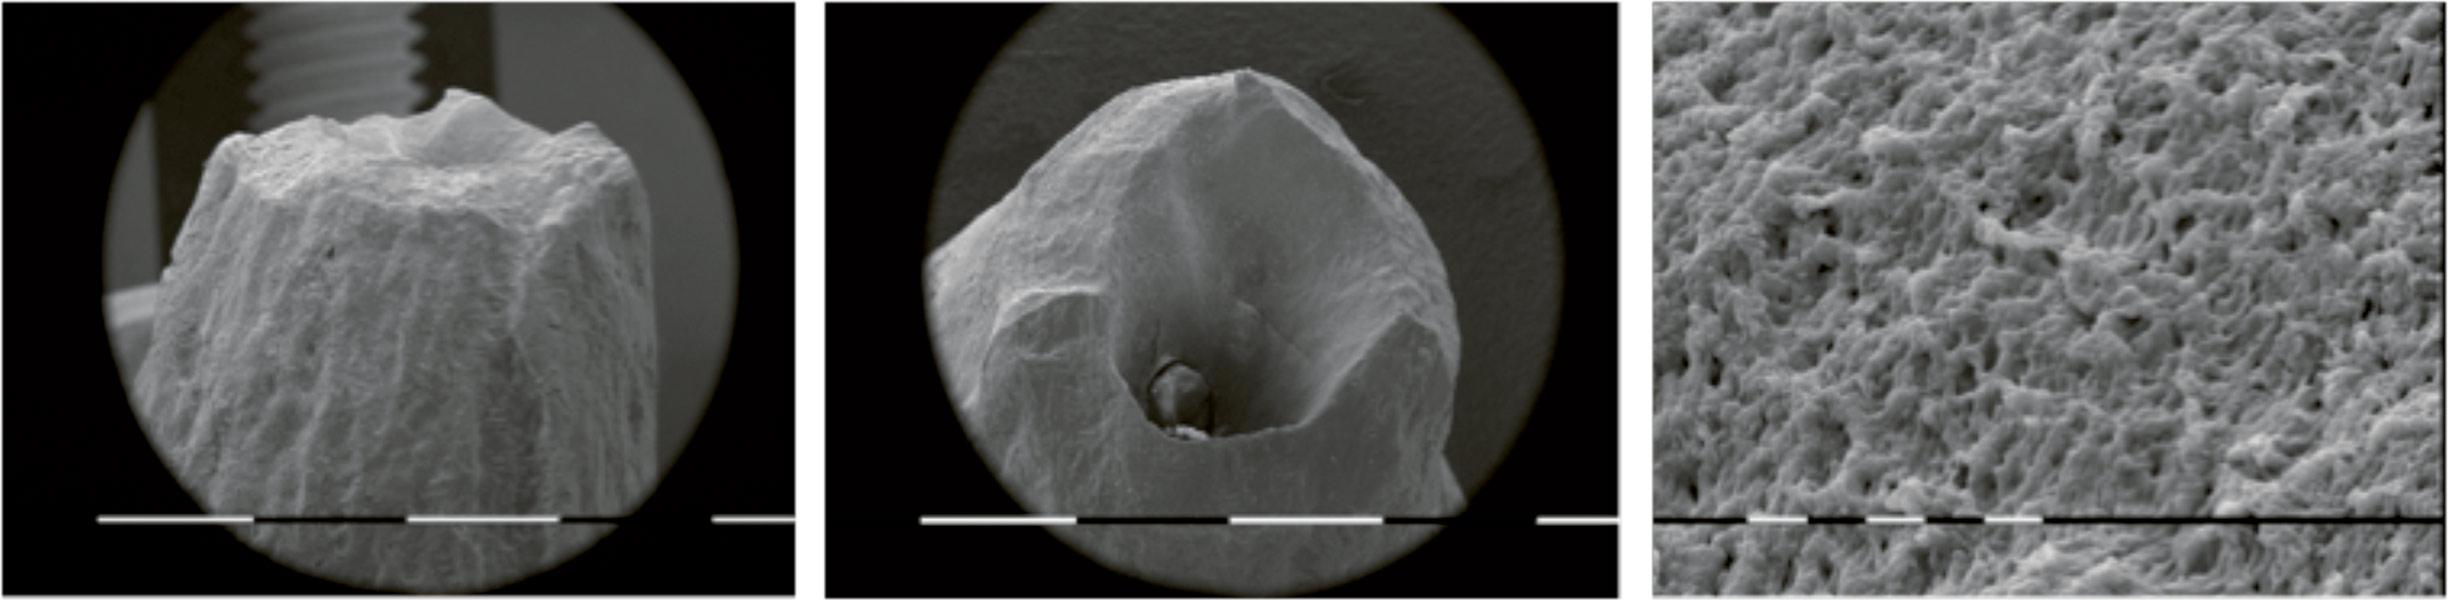 Fot. 8. Ocena w SEM (w różnych powiększeniach) zęba po odcięciu wierzchołka laserem Er:YAG: powierzchnia przecięcia (a), jama kanału korzeniowego przygotowana do wstecznego wypełnienia (b), zębina wewnątrz kanału korzeniowego, bez warstwy mazistej i pęknięć ©.